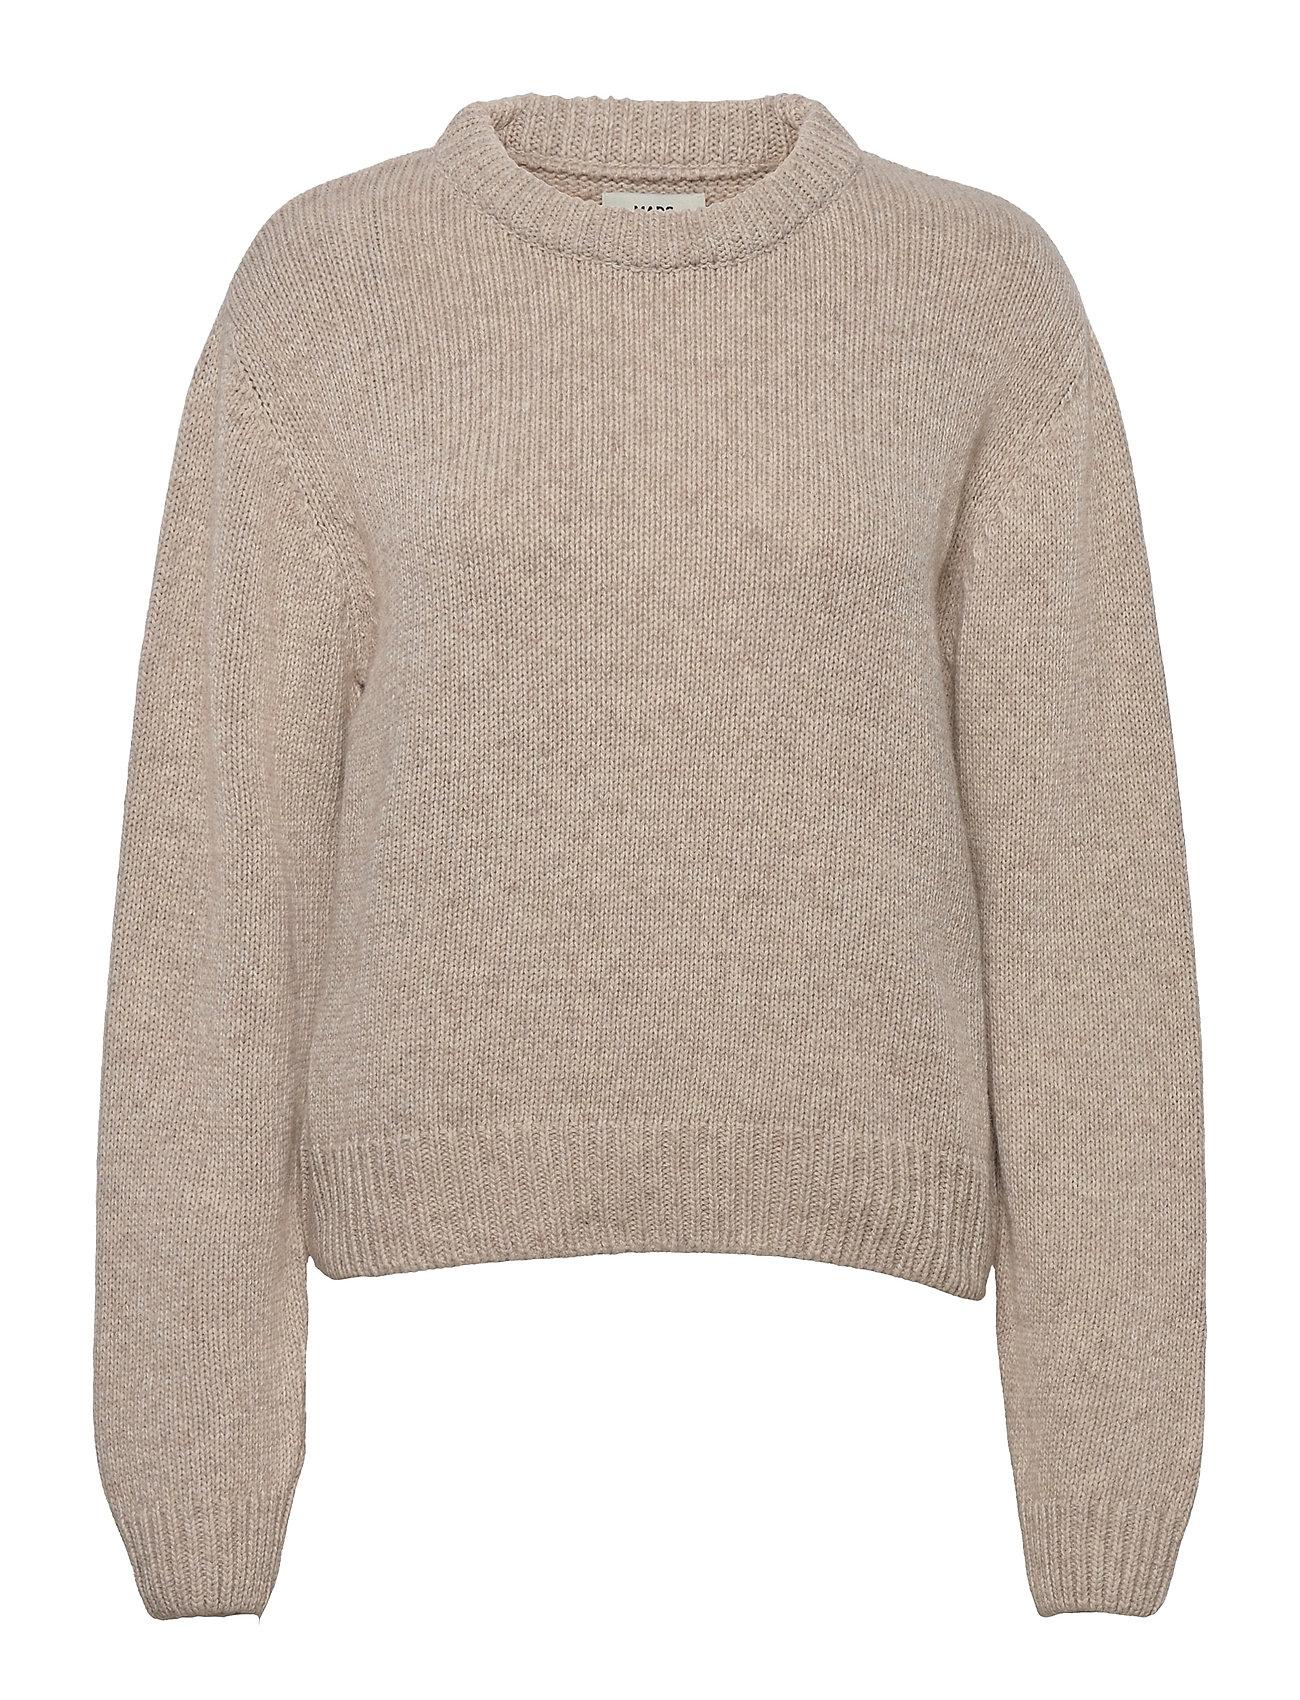 Recycled Wool Mix Kaily Strikket Trøje Beige Mads Nørgaard